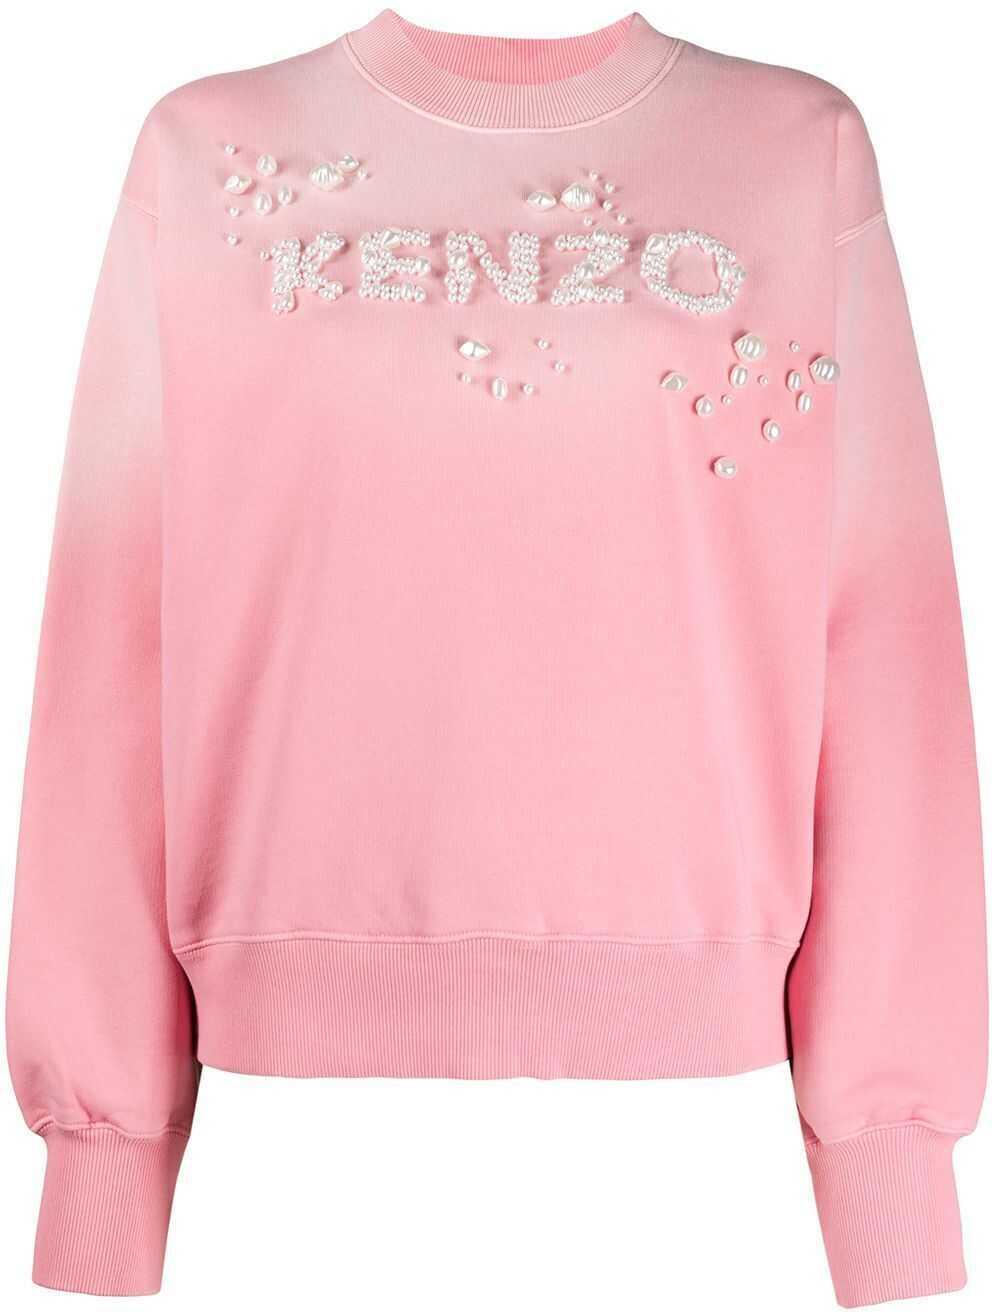 Kenzo Cotton Sweatshirt PINK